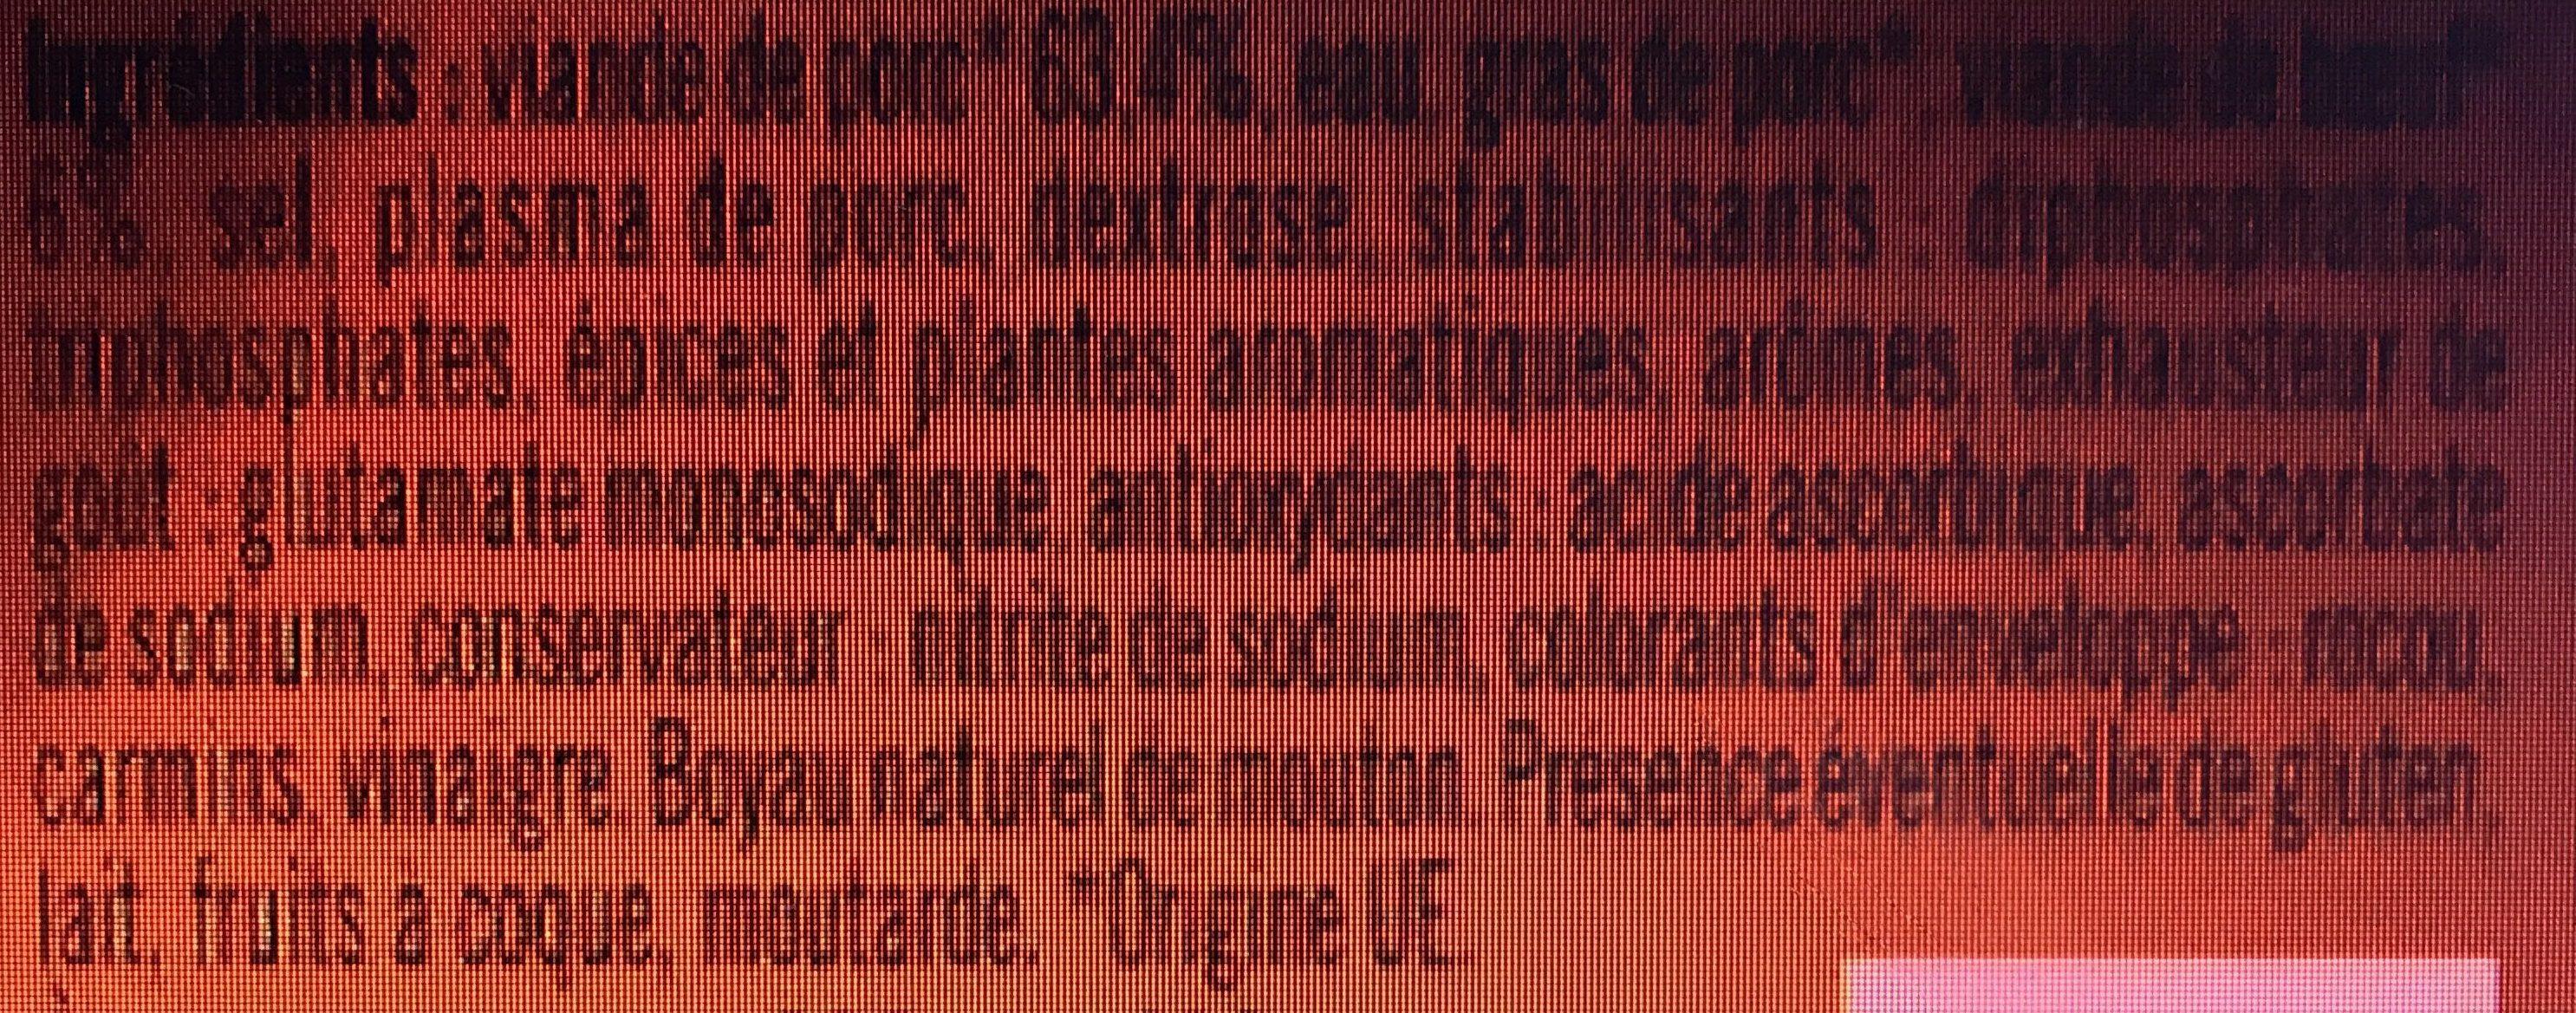 Knacks d'Alsace Qualité Supérieure - Recette de Famille - Ingrediënten - fr